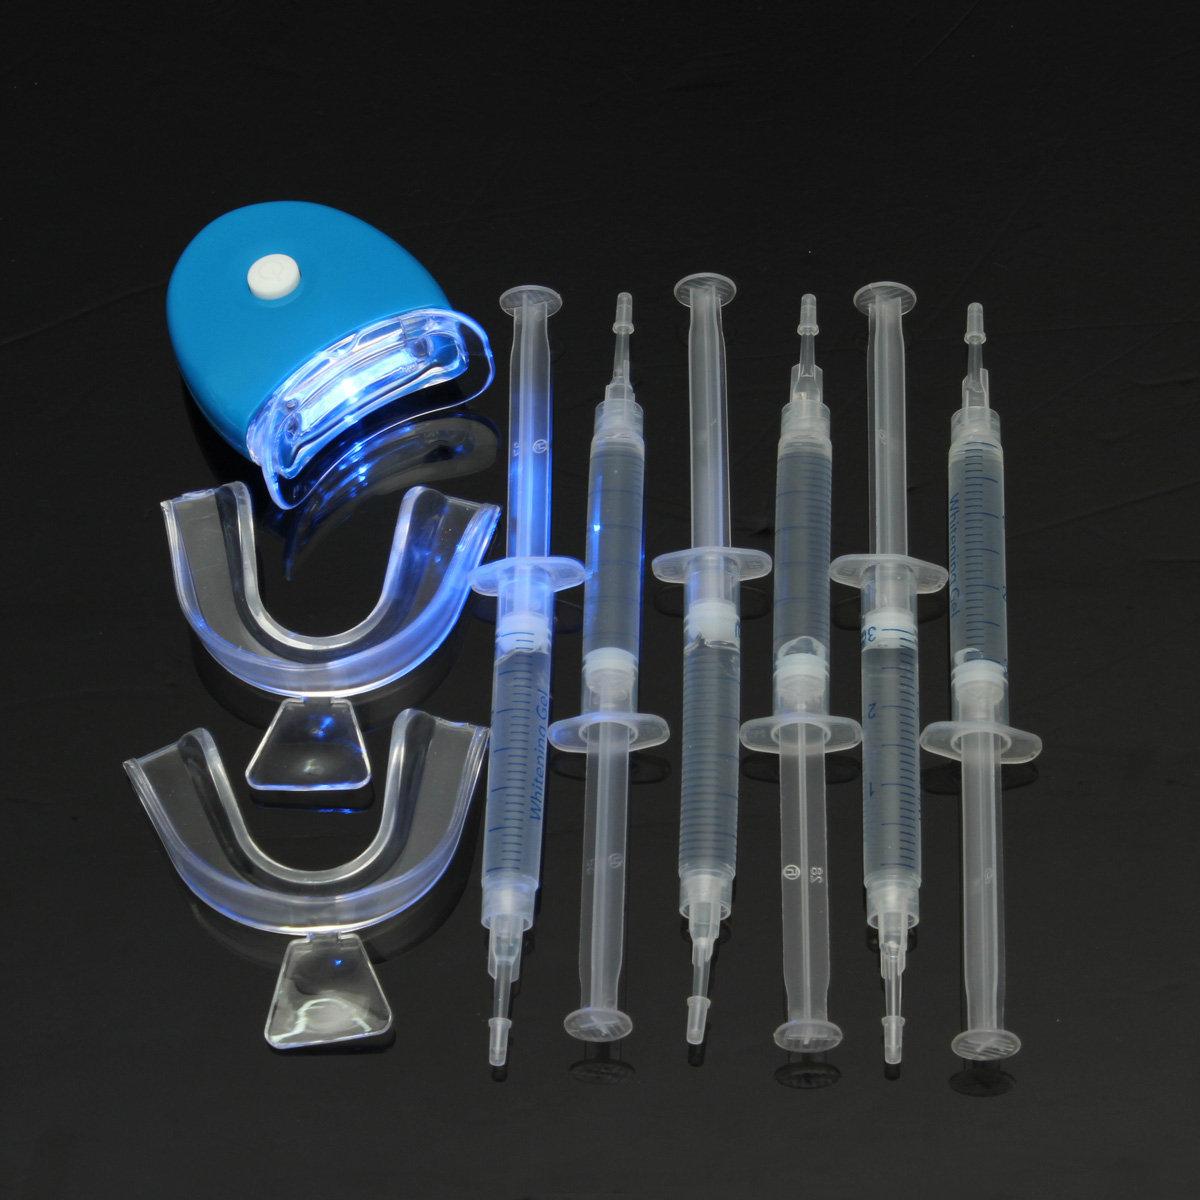 Dental Oral Care Teeth Whitening Bleaching Kit Tooth Whitener Gel Tool Teeth Health Care